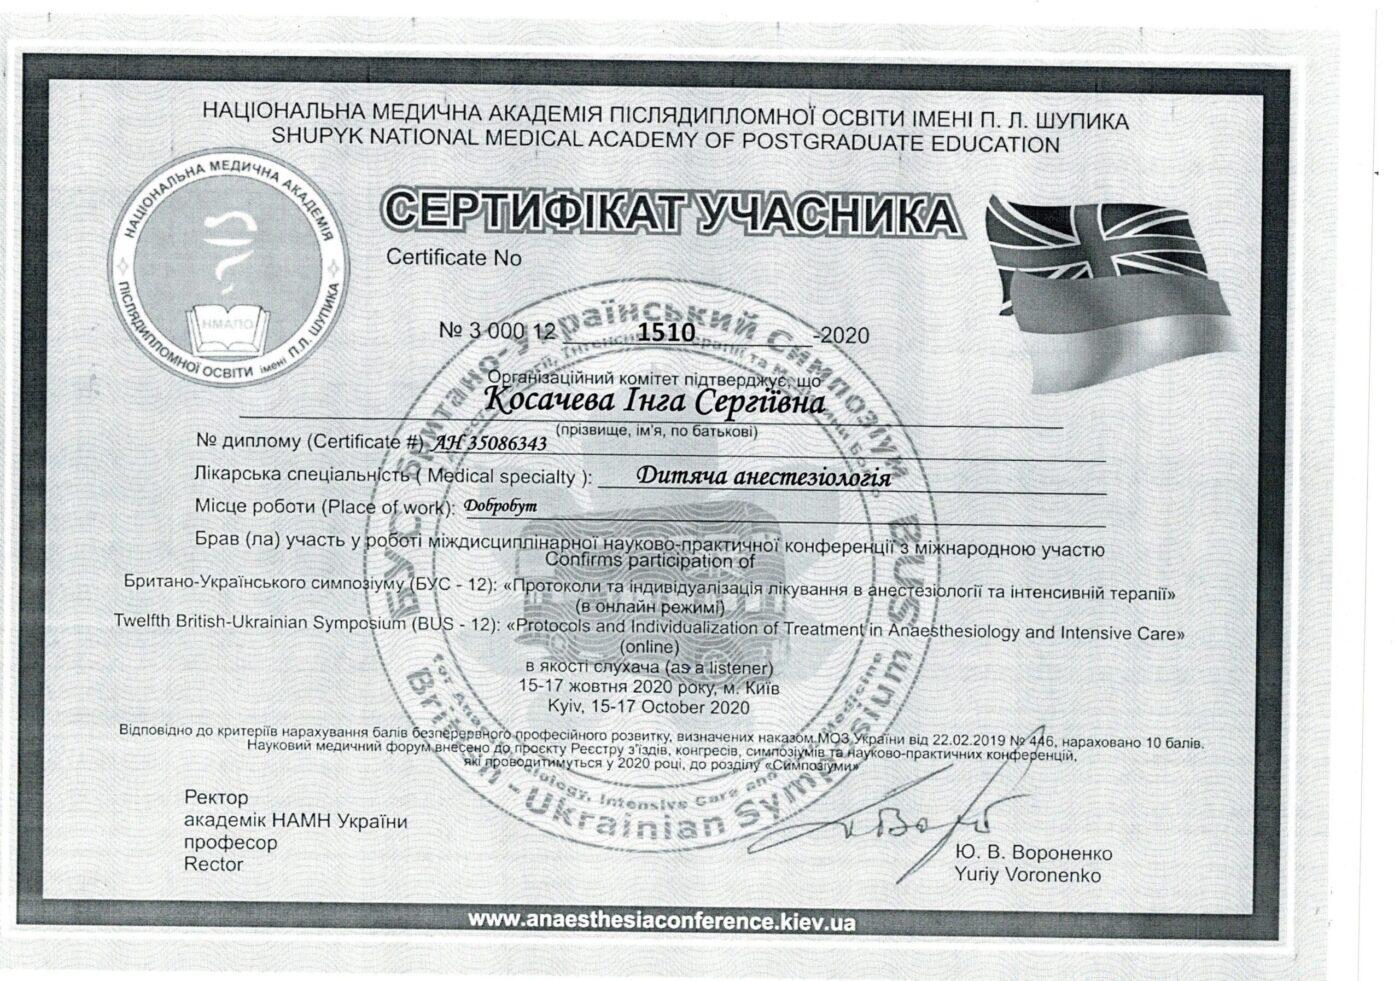 Сертификат подтверждающий участие Косачевой Инги в - Протоколы и индивидуализация лечения в анестезиологии и интенсивной терапии